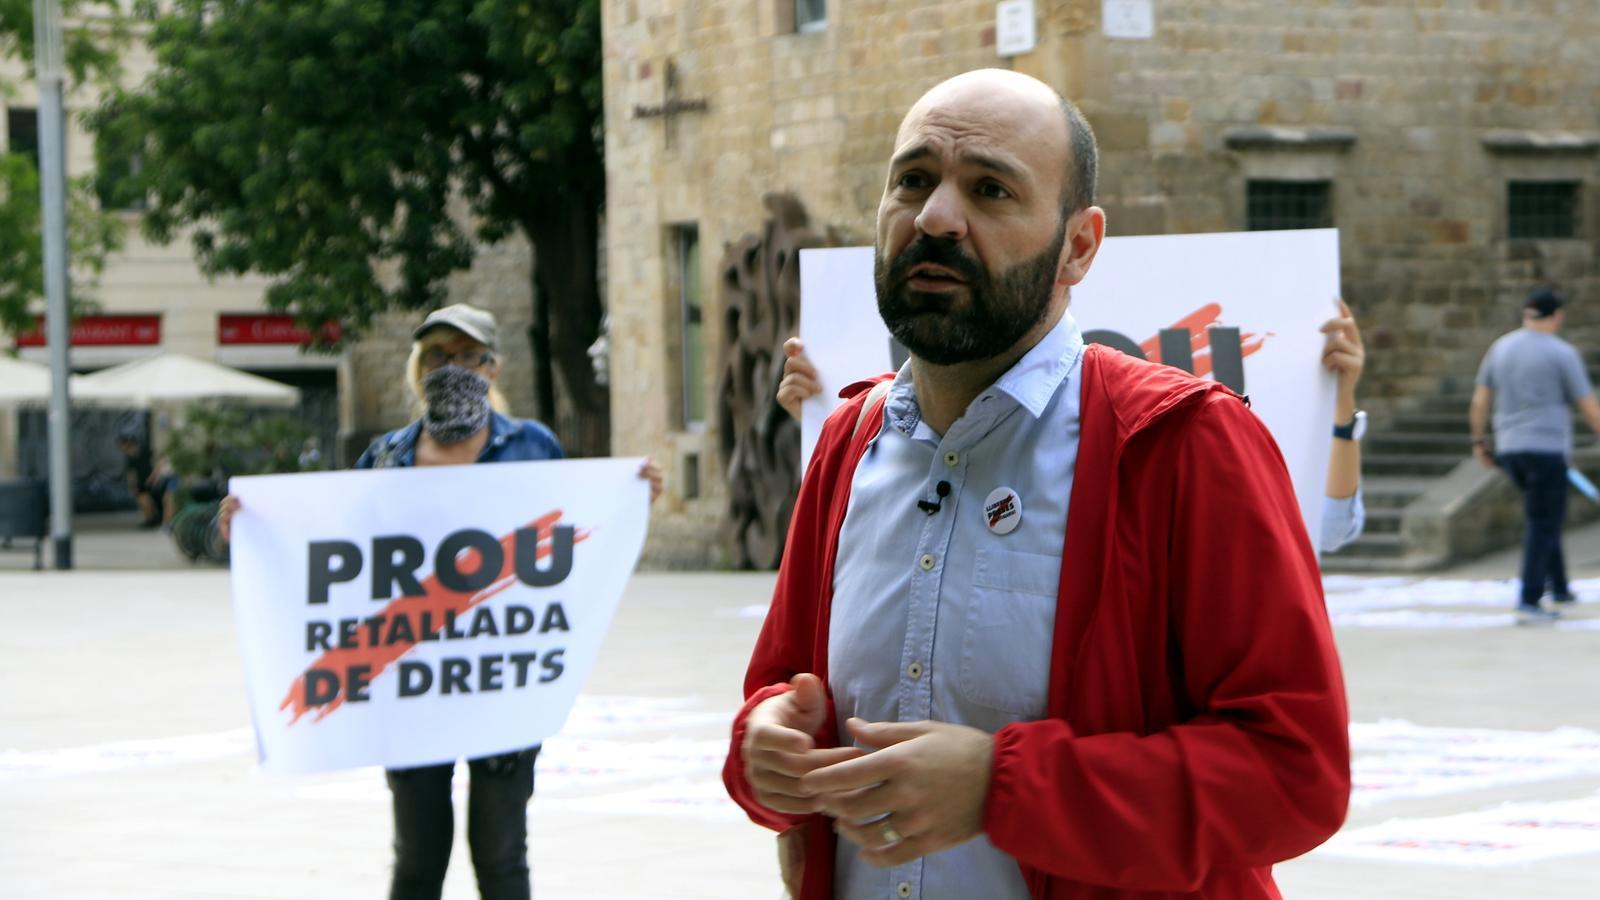 El vicepresident d'Òmnium Cultural Marcel Mauri en la protesta davant de la catedral.